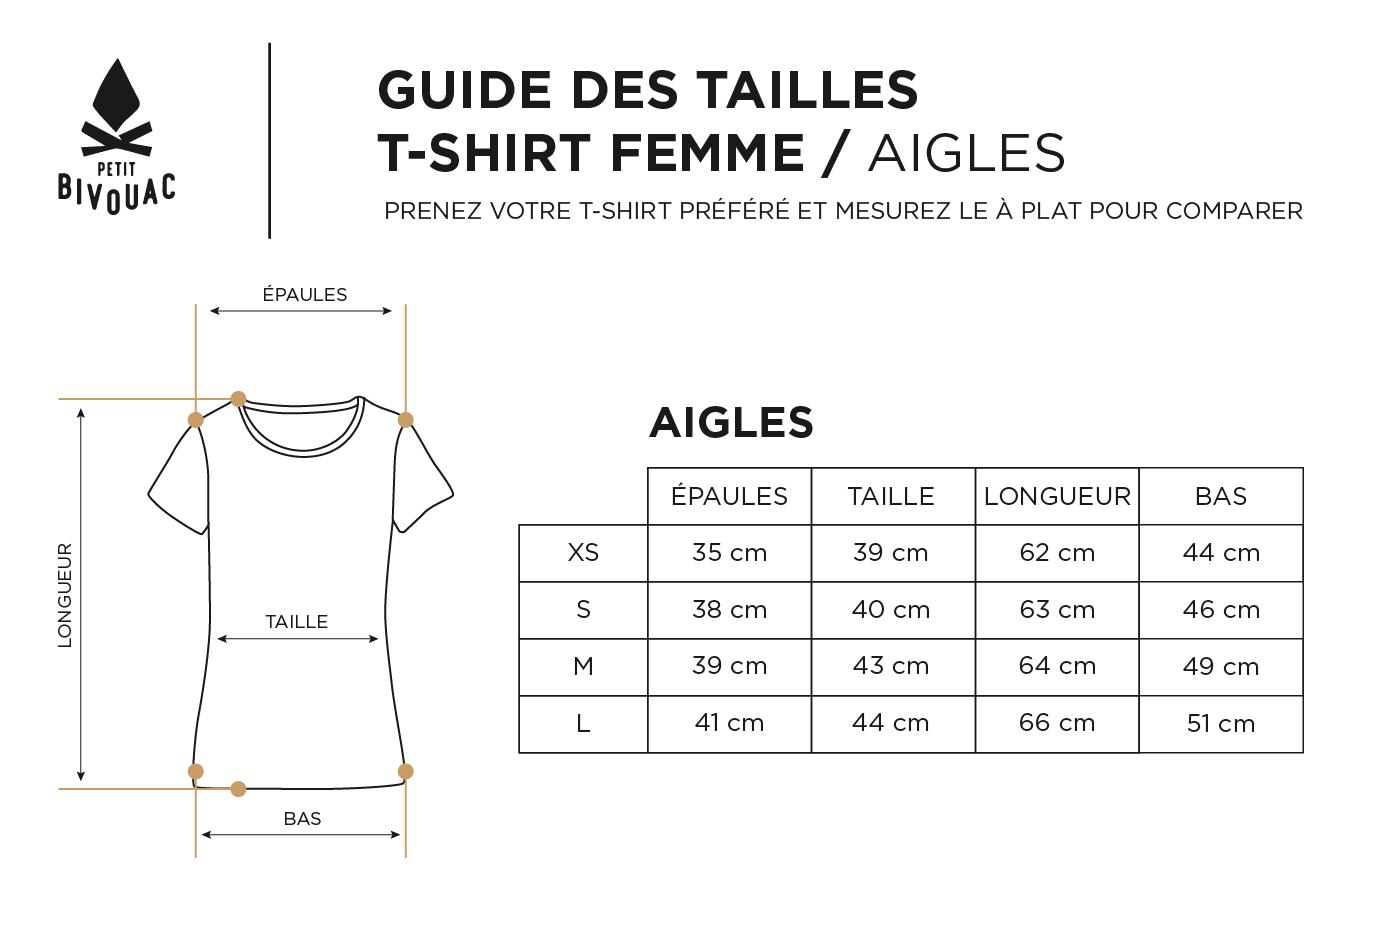 Guide des tailles-femme-Aigles-Petit Bivouac